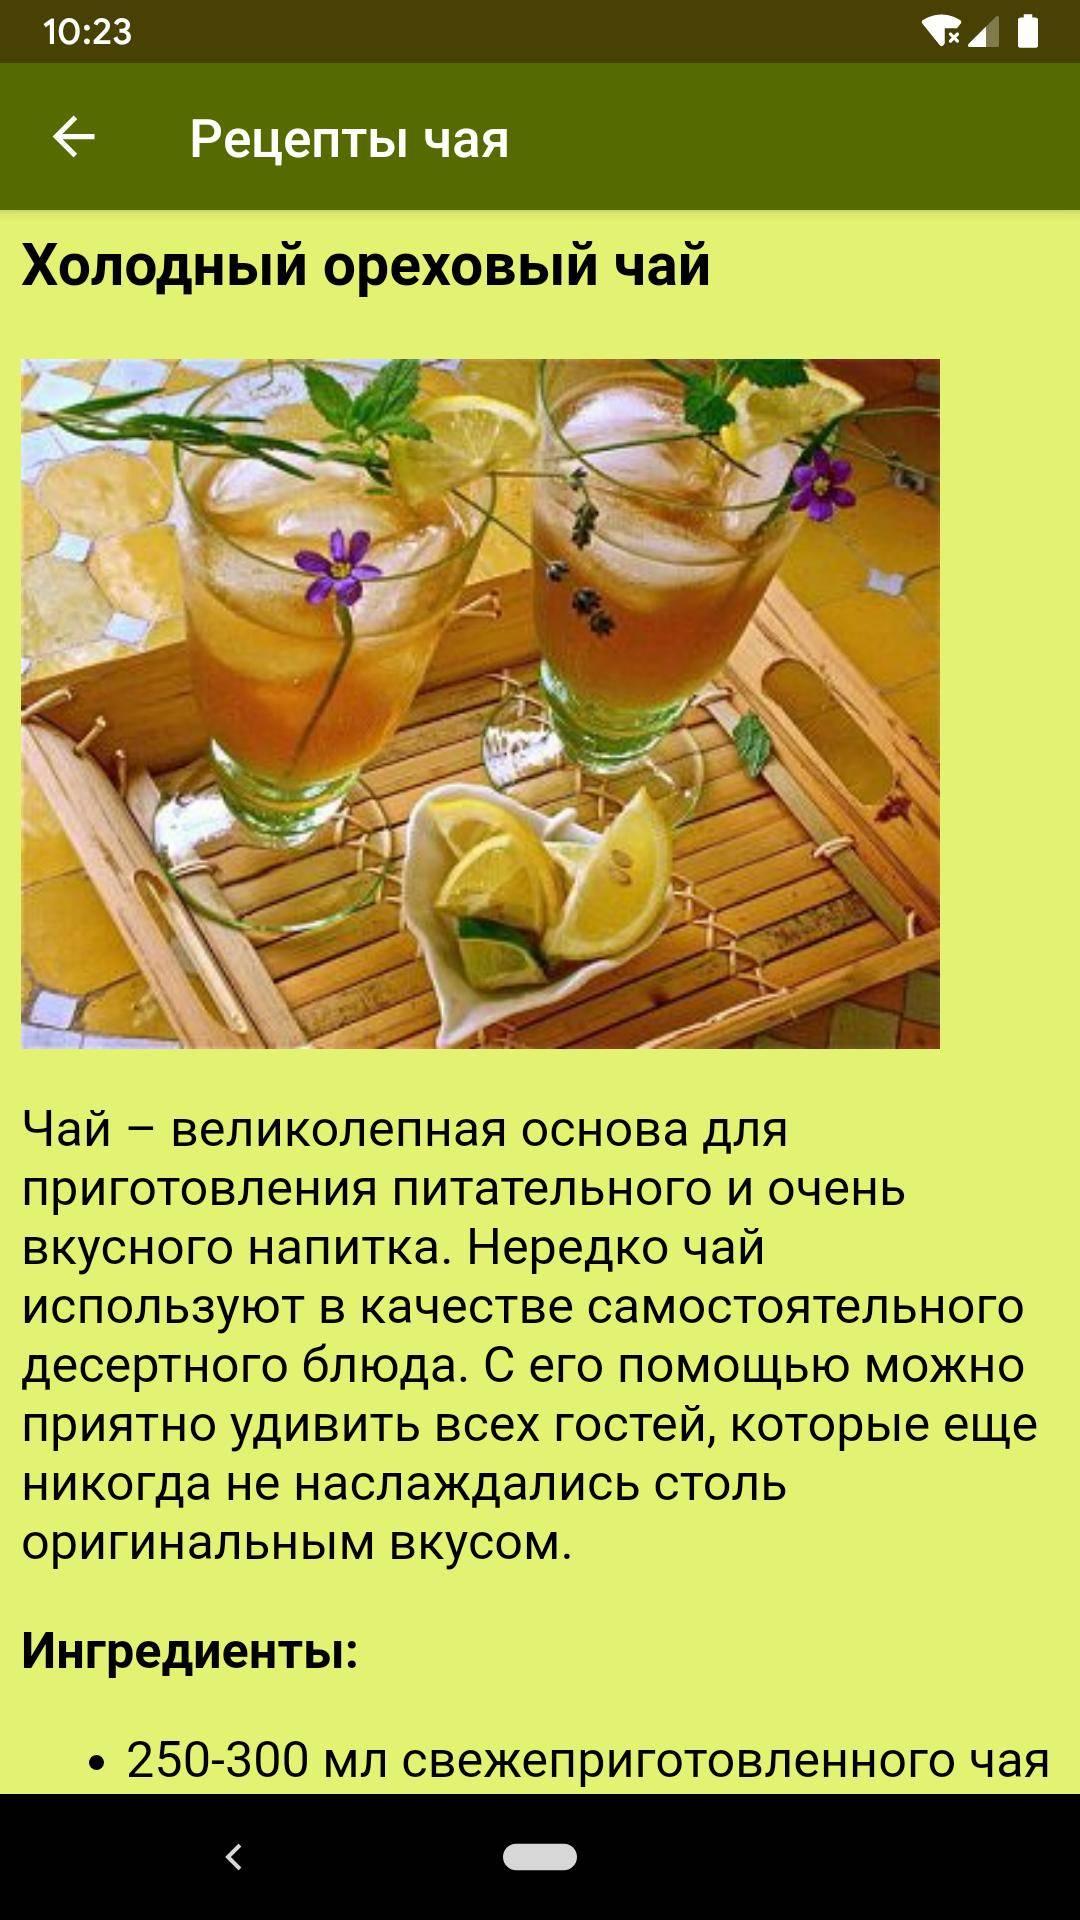 Рецепты холодного чая в домашних условиях: топ-5 популярных идей. совет